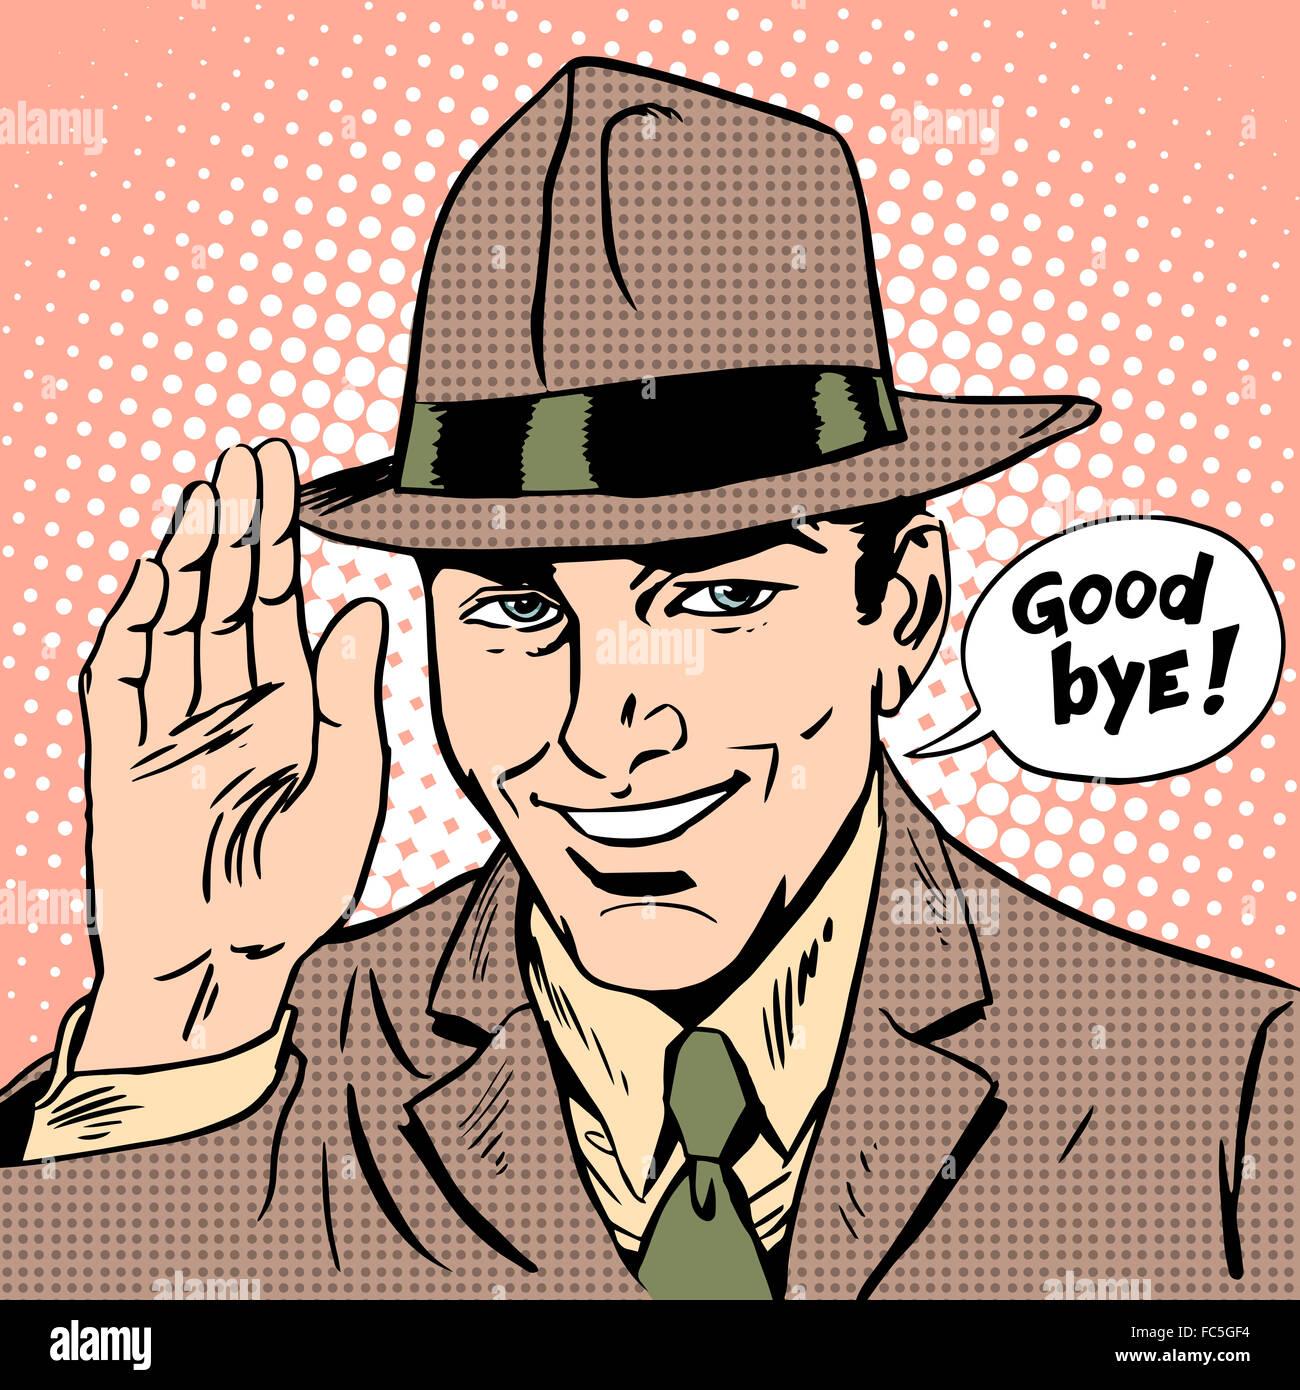 Courtesy the man says goodbye - Stock Image